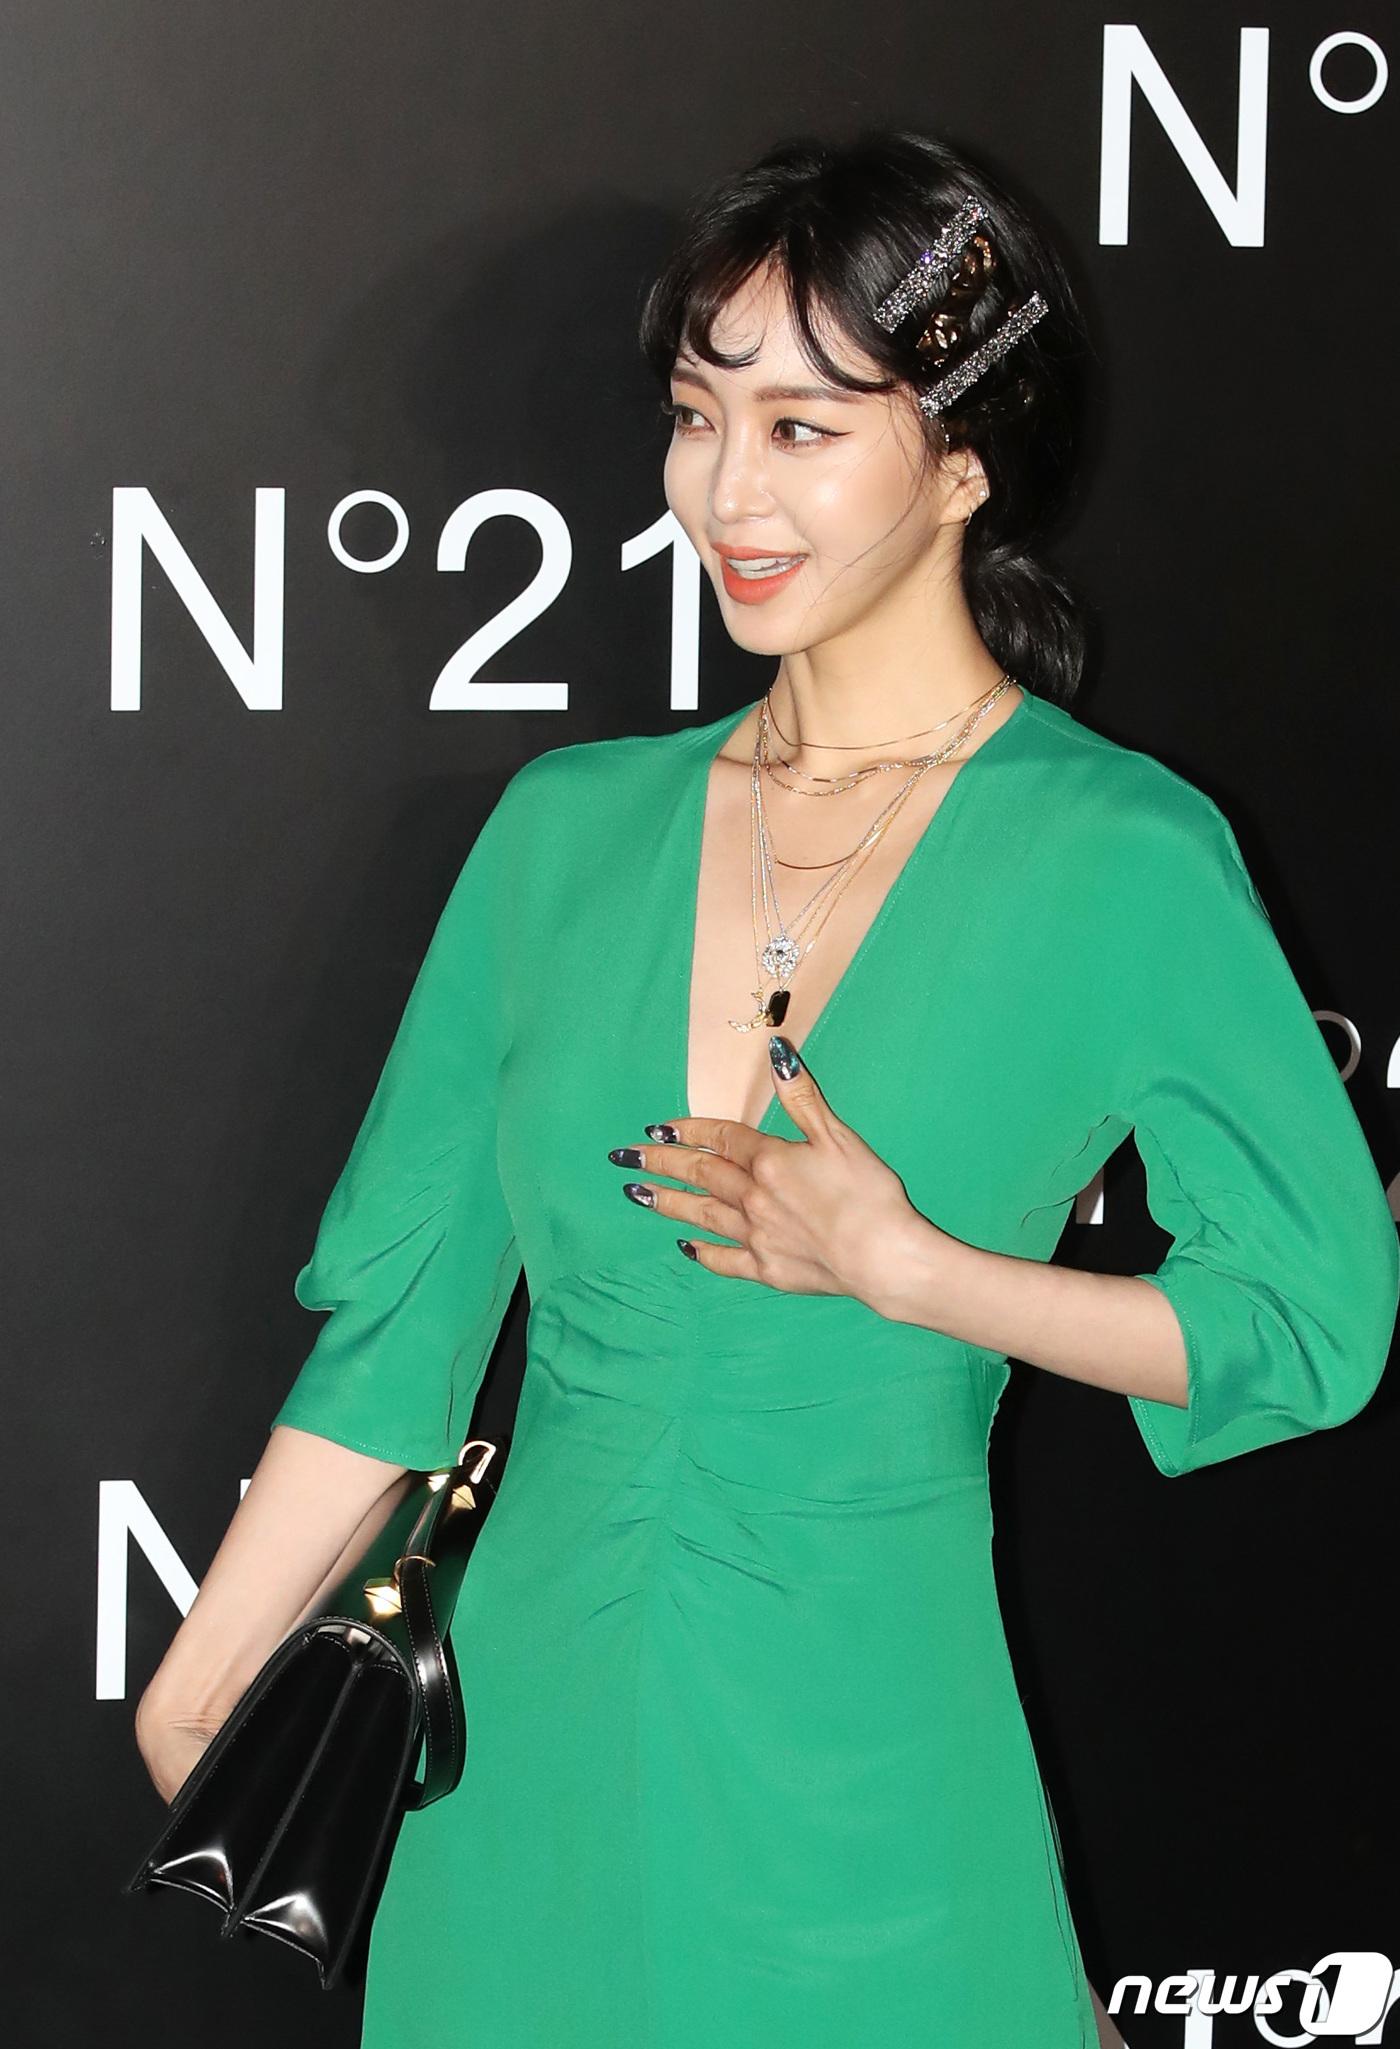 han ye seul green dress 8